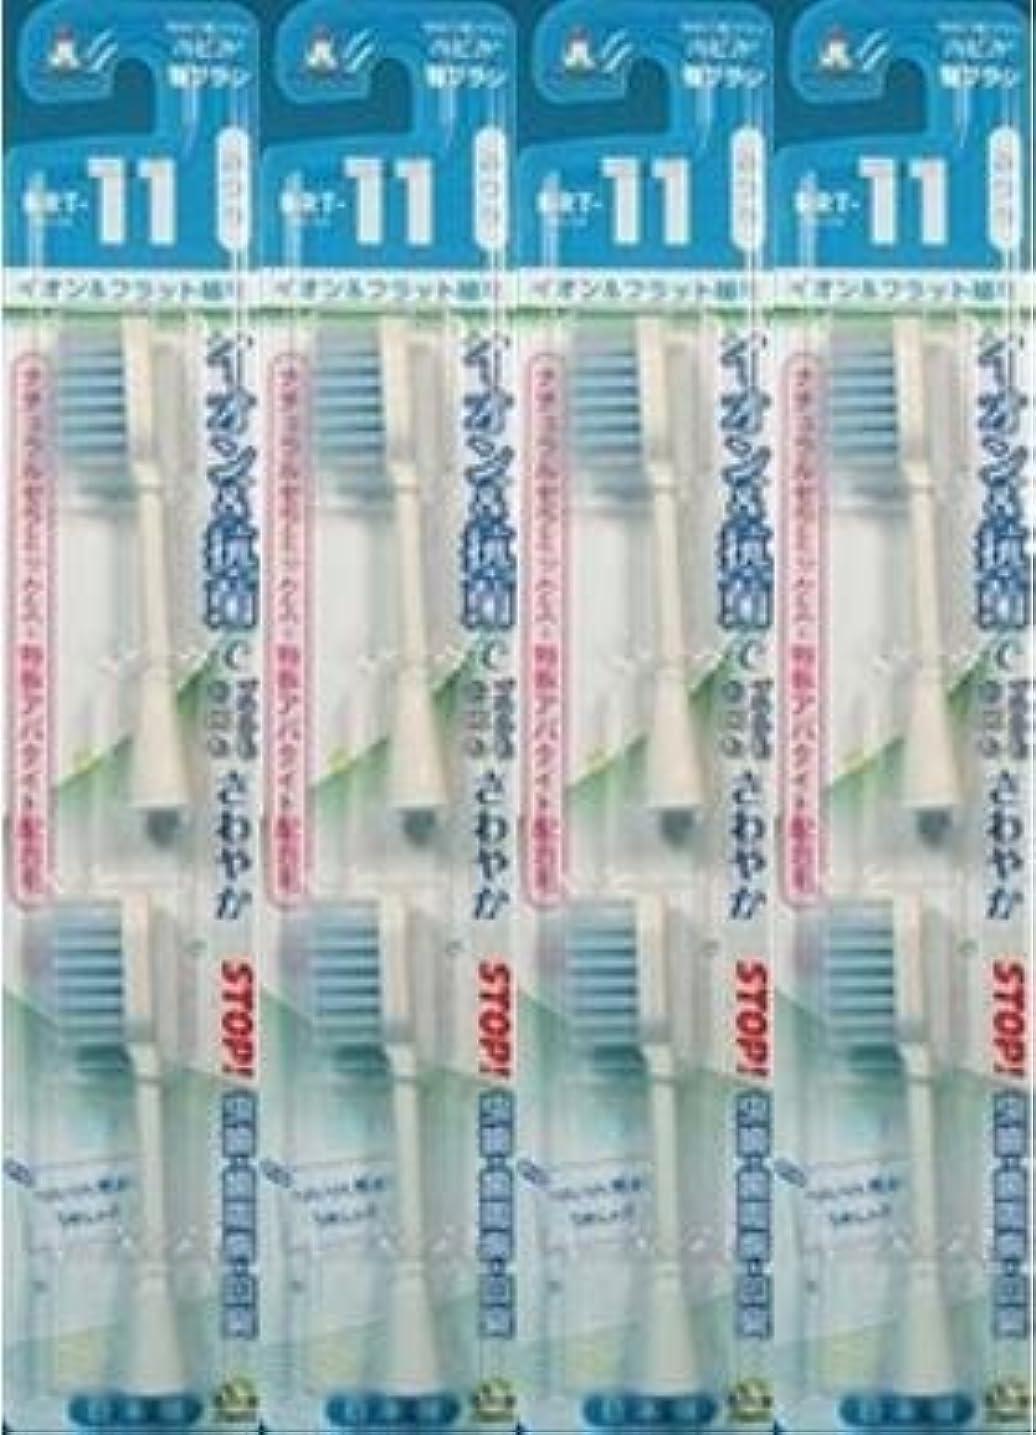 ナプキン速いシェード電動歯ブラシ ハピカ専用替ブラシふつう フラット マイナスイオン2本入(BRT-11)×4個セット